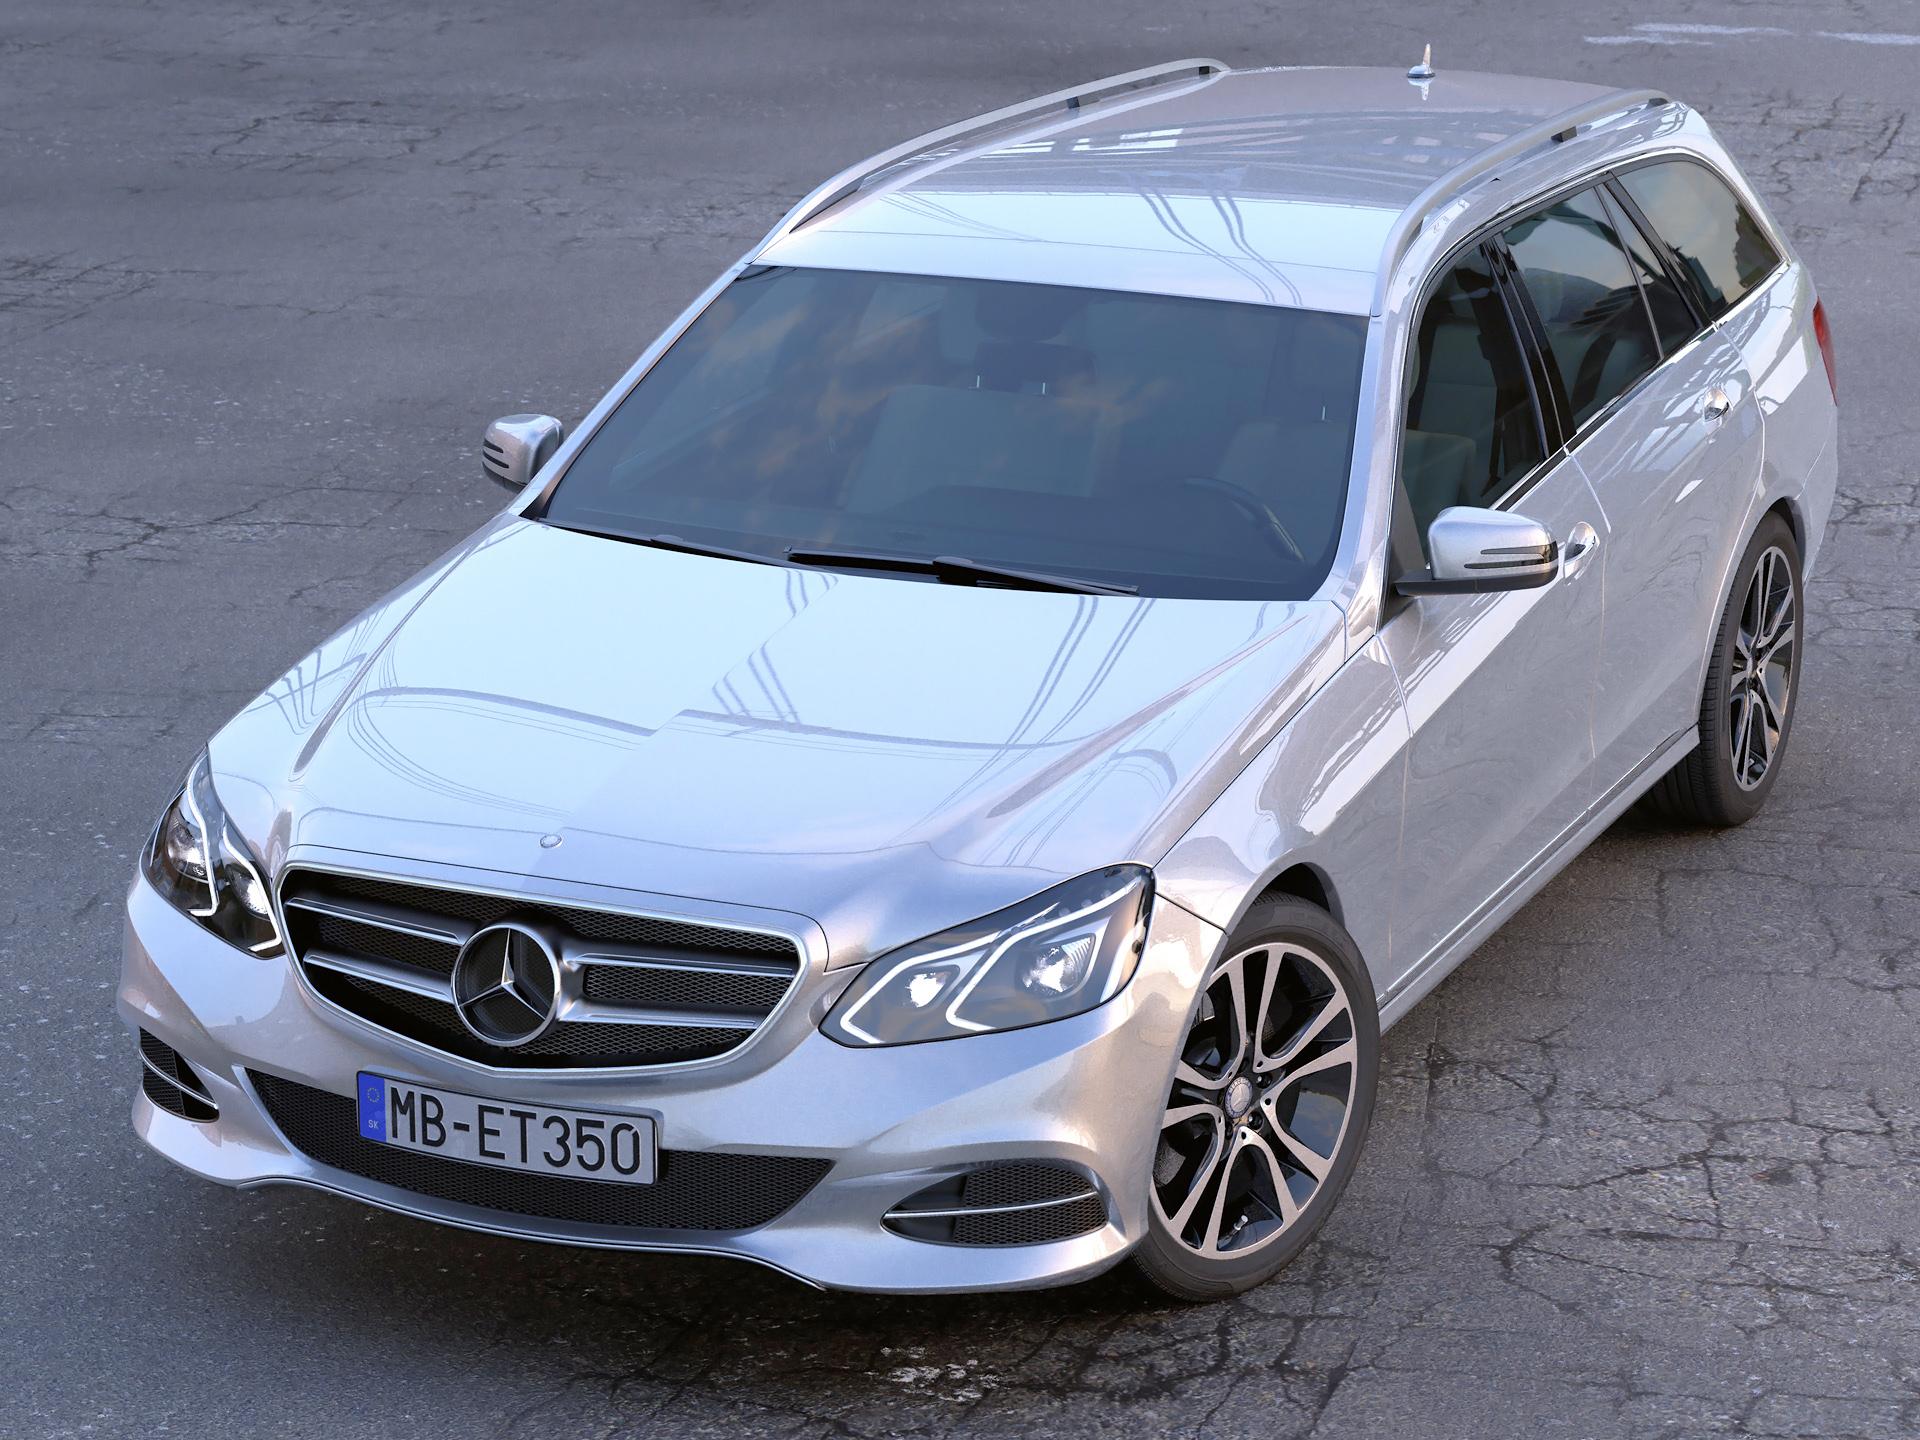 mercedes benz e class t model 2014 3d model 3ds max fbx c4d obj 204489